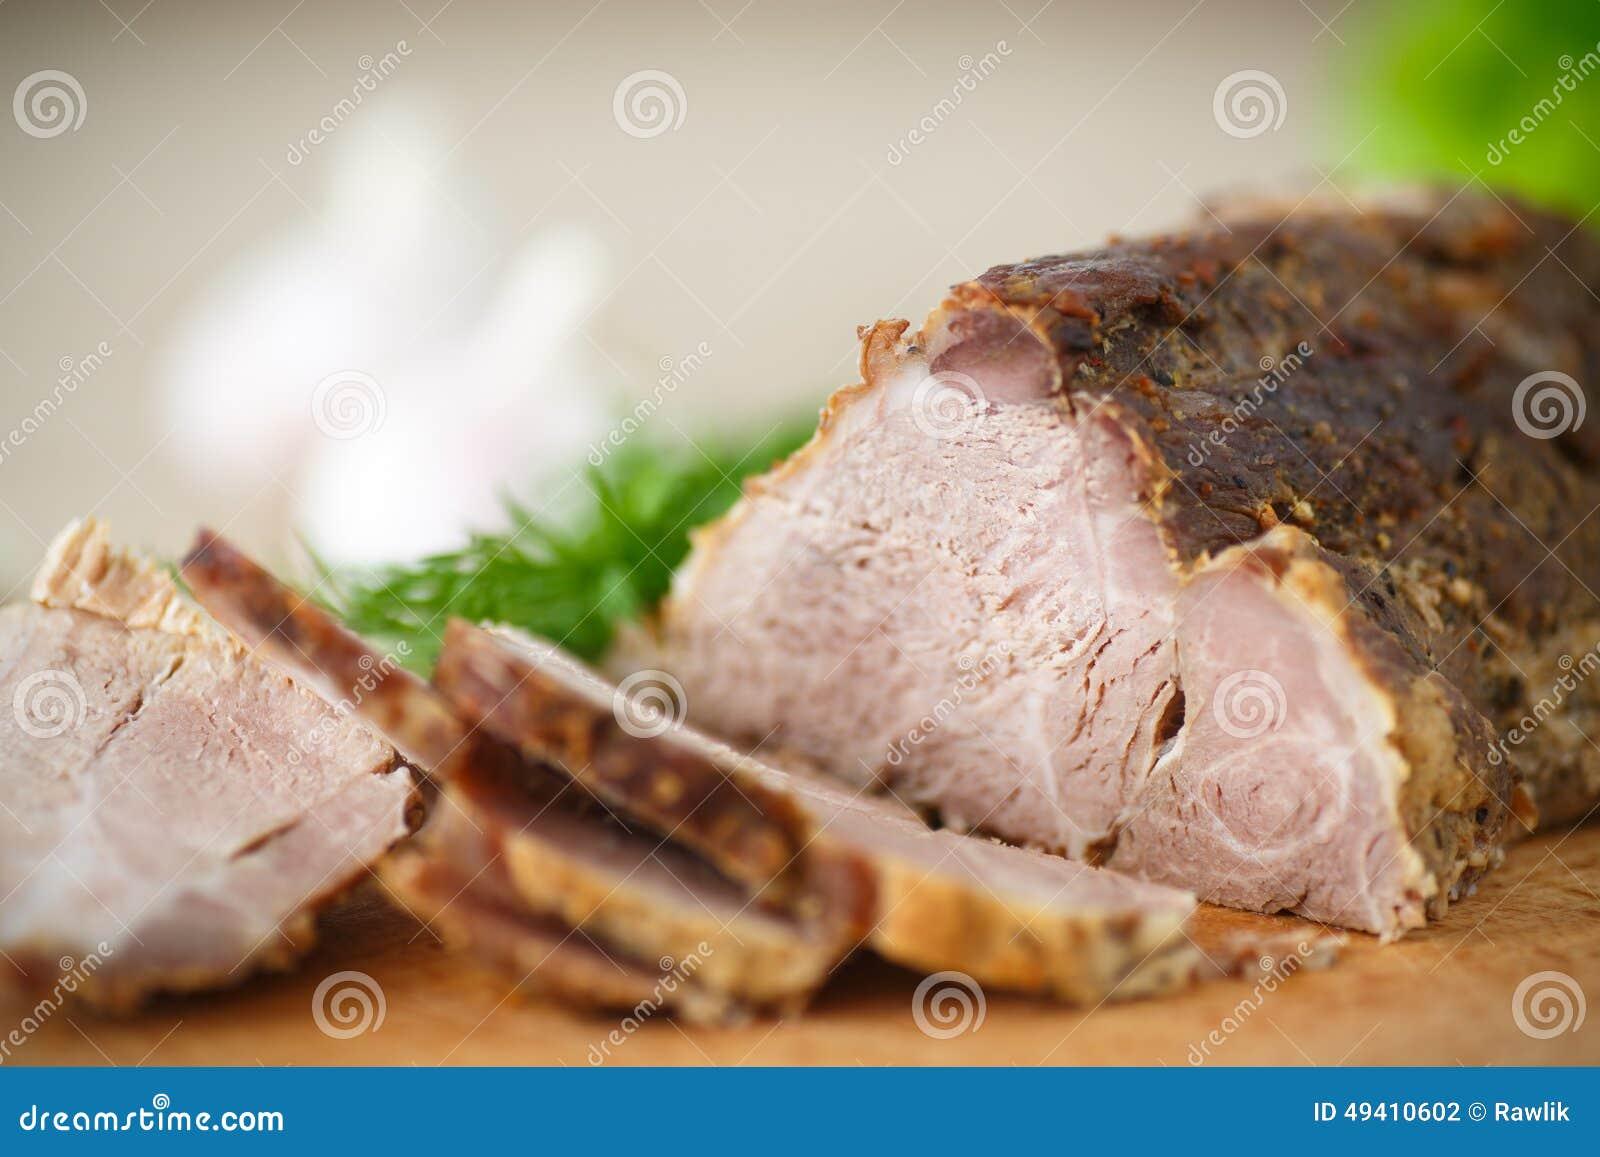 Download Gebratenes Fleisch stockfoto. Bild von verkleidung, lamm - 49410602